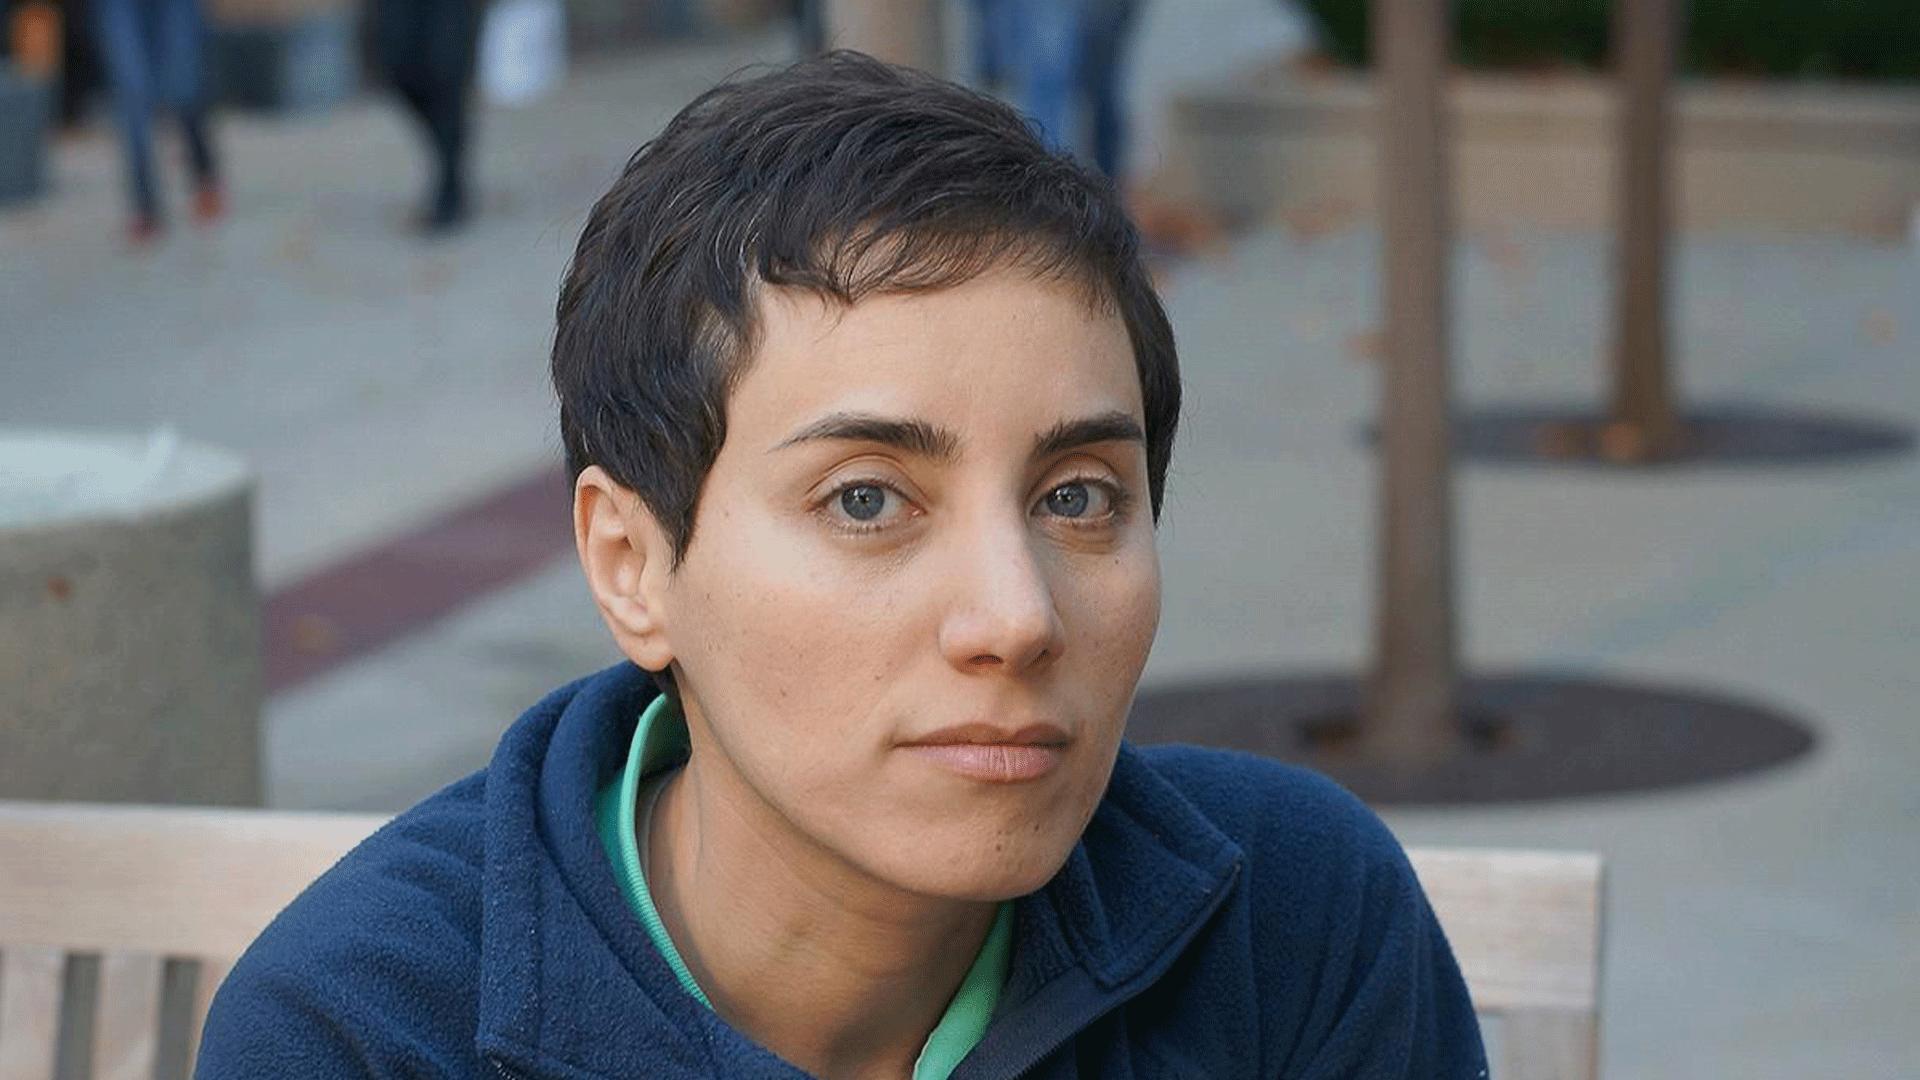 معرفی ده نفر از موفقترین زنان ایرانی حوزه علم و فناوری